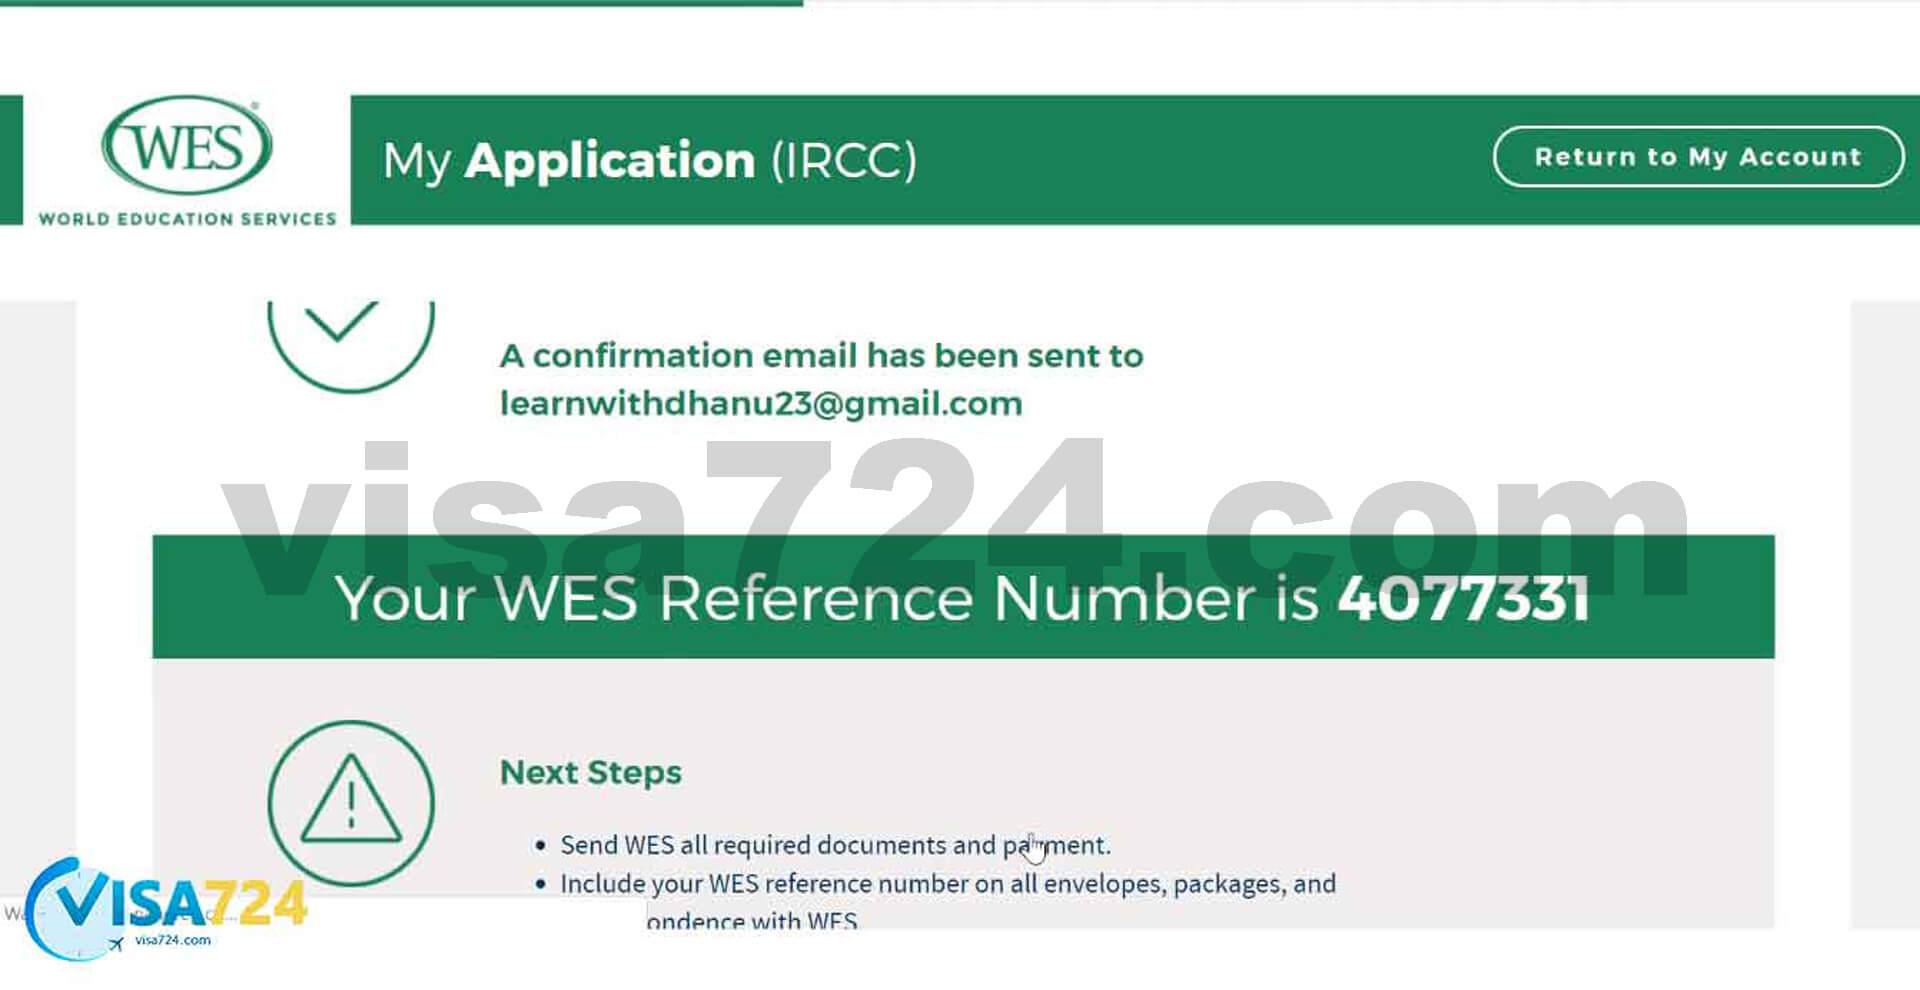 تصویر بیستم از مراحل آموزش نحوه دریافت تأییدیه از WES کانادا